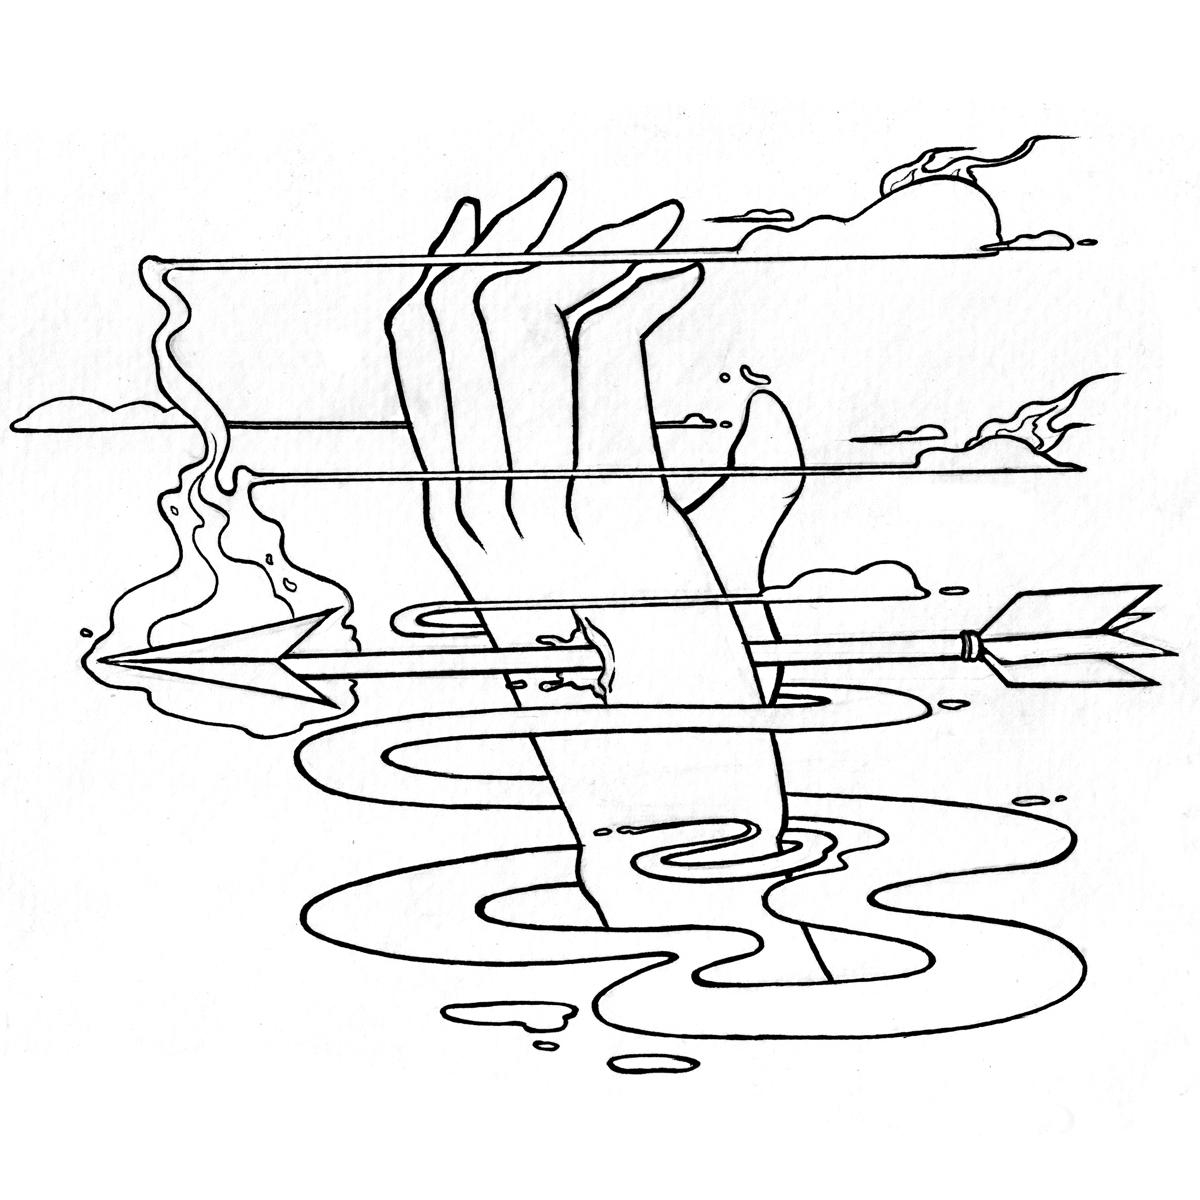 Drawing No. 319